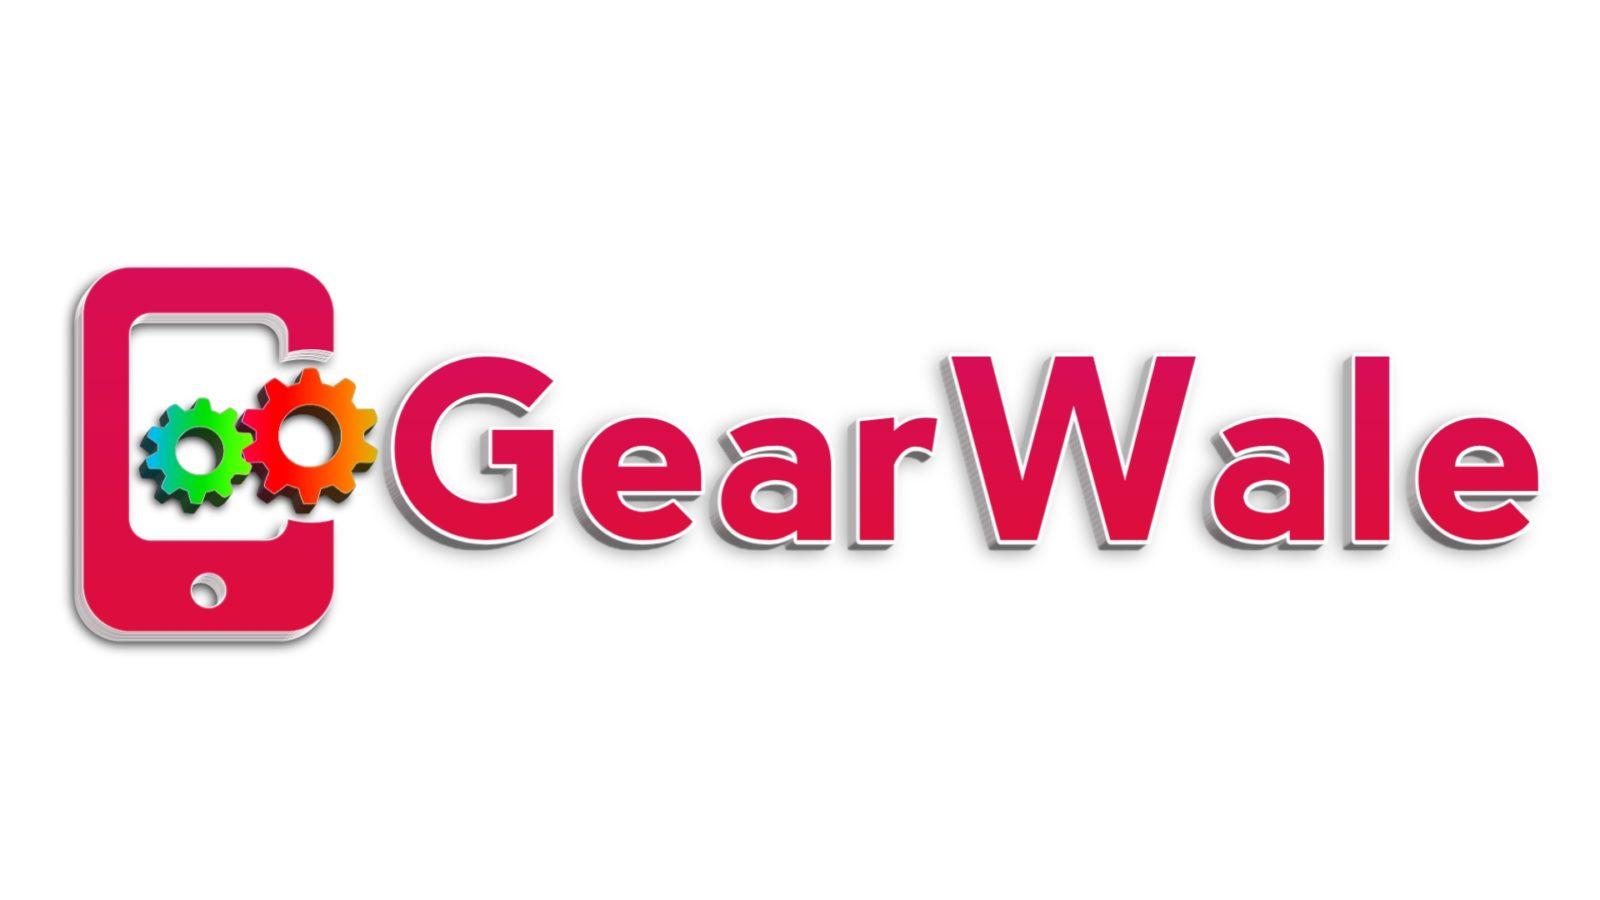 GearWale.com